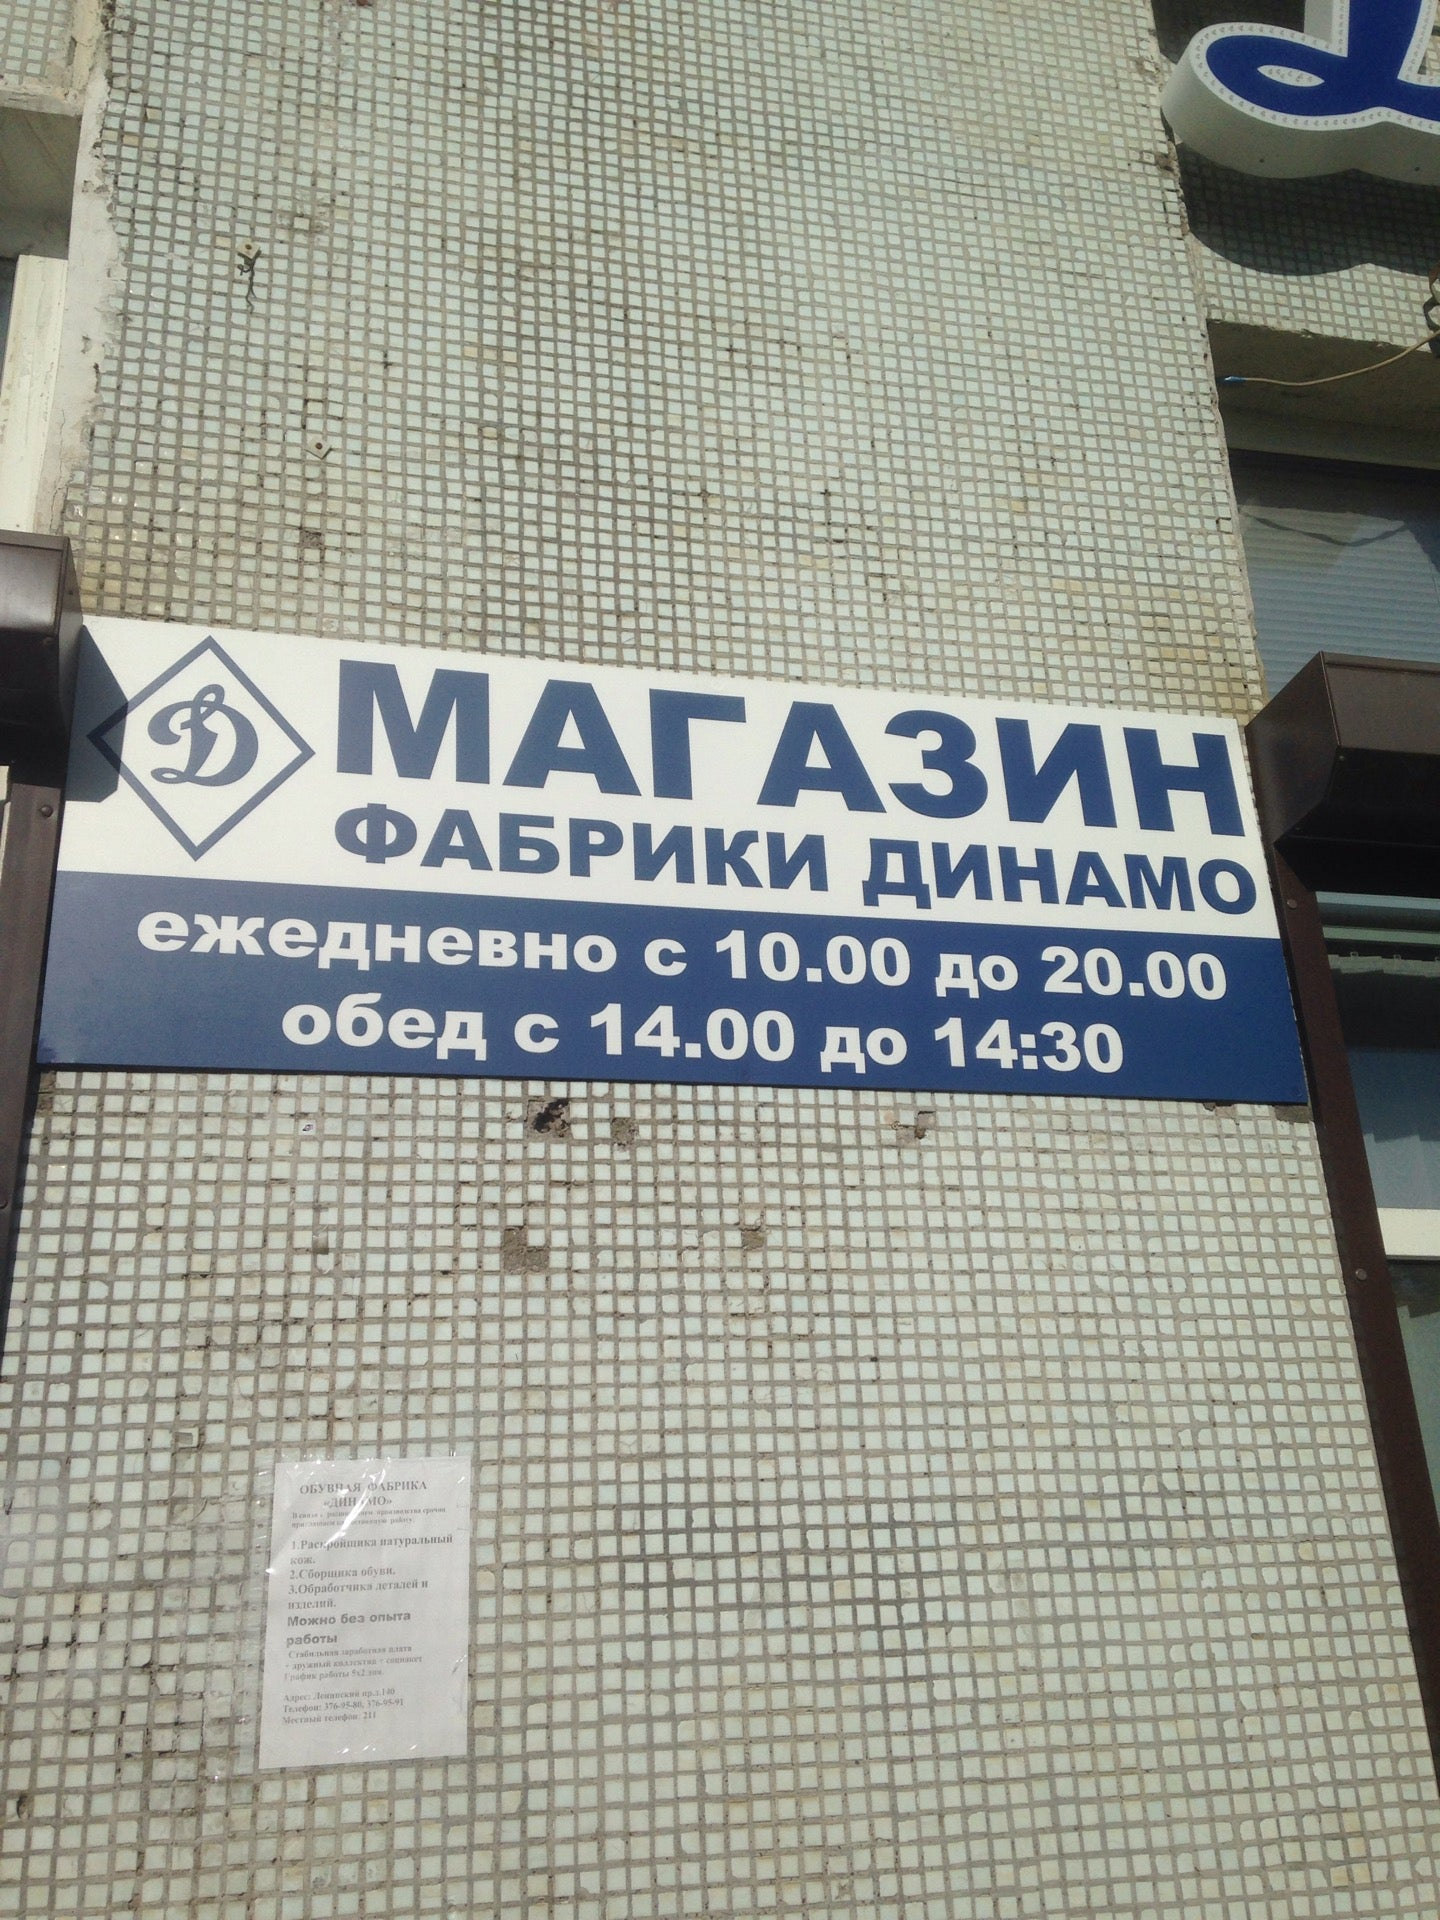 4922f894f Динамо, ООО на Ленинском, отзывы о спортивных магазинах Санкт ...